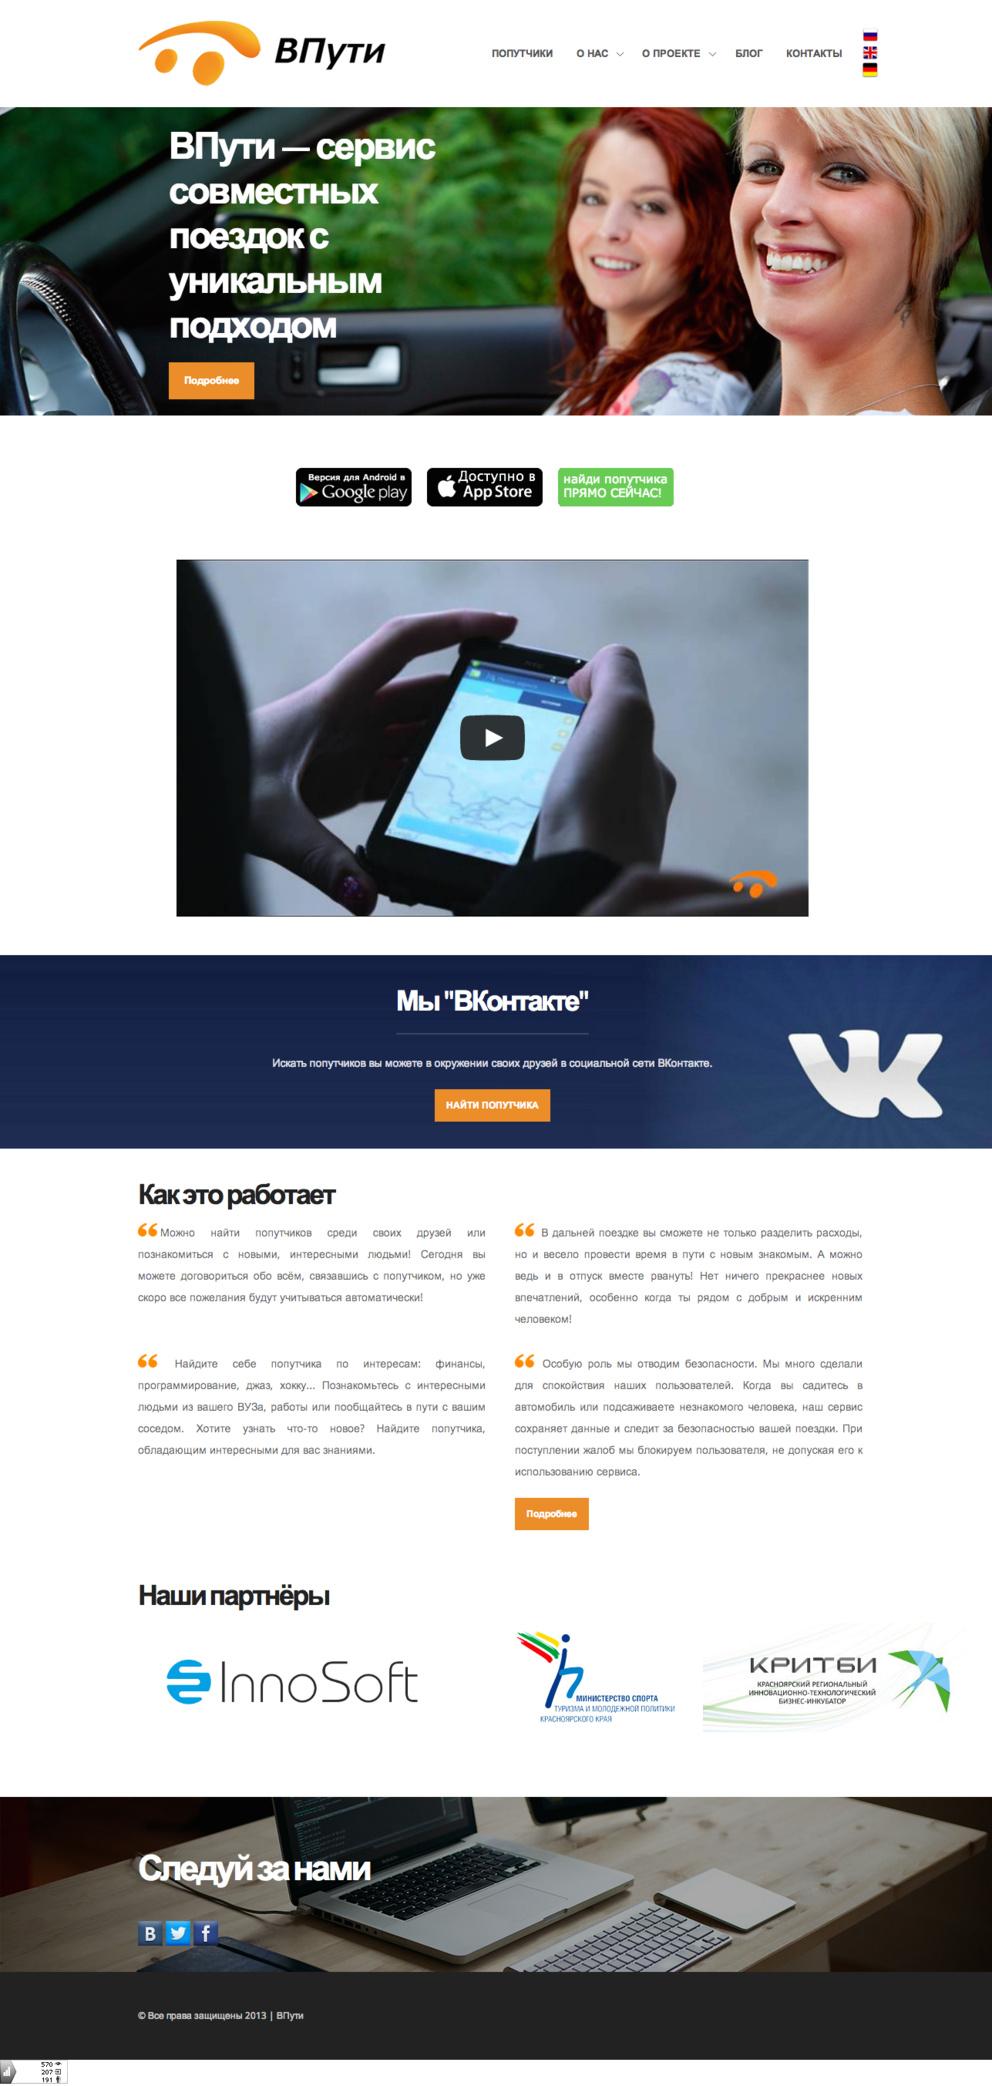 ВПути - сервис совместных поездок / Проект компании Иннософт